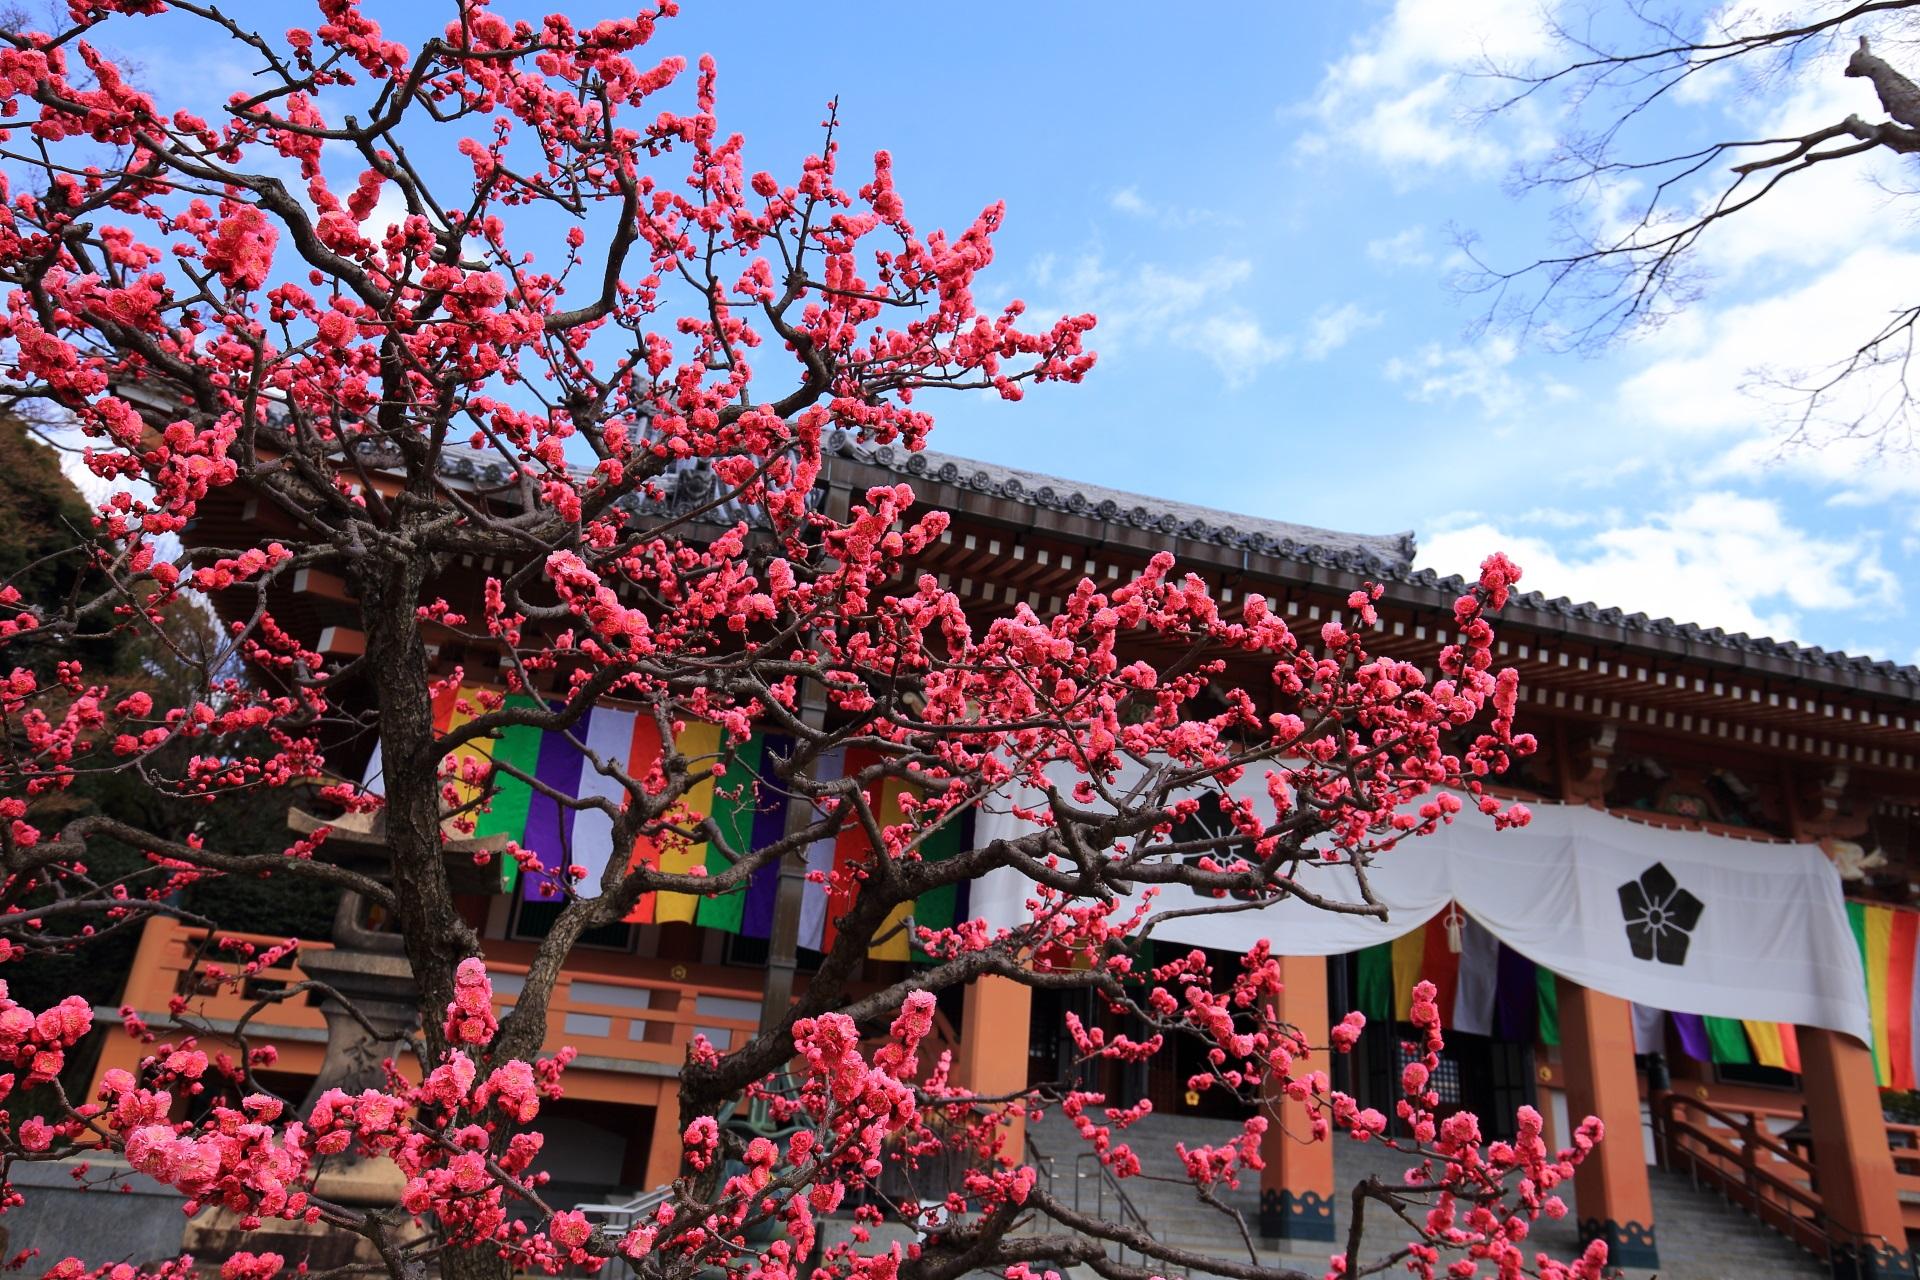 花がモコモコした智積院の見ごろの梅